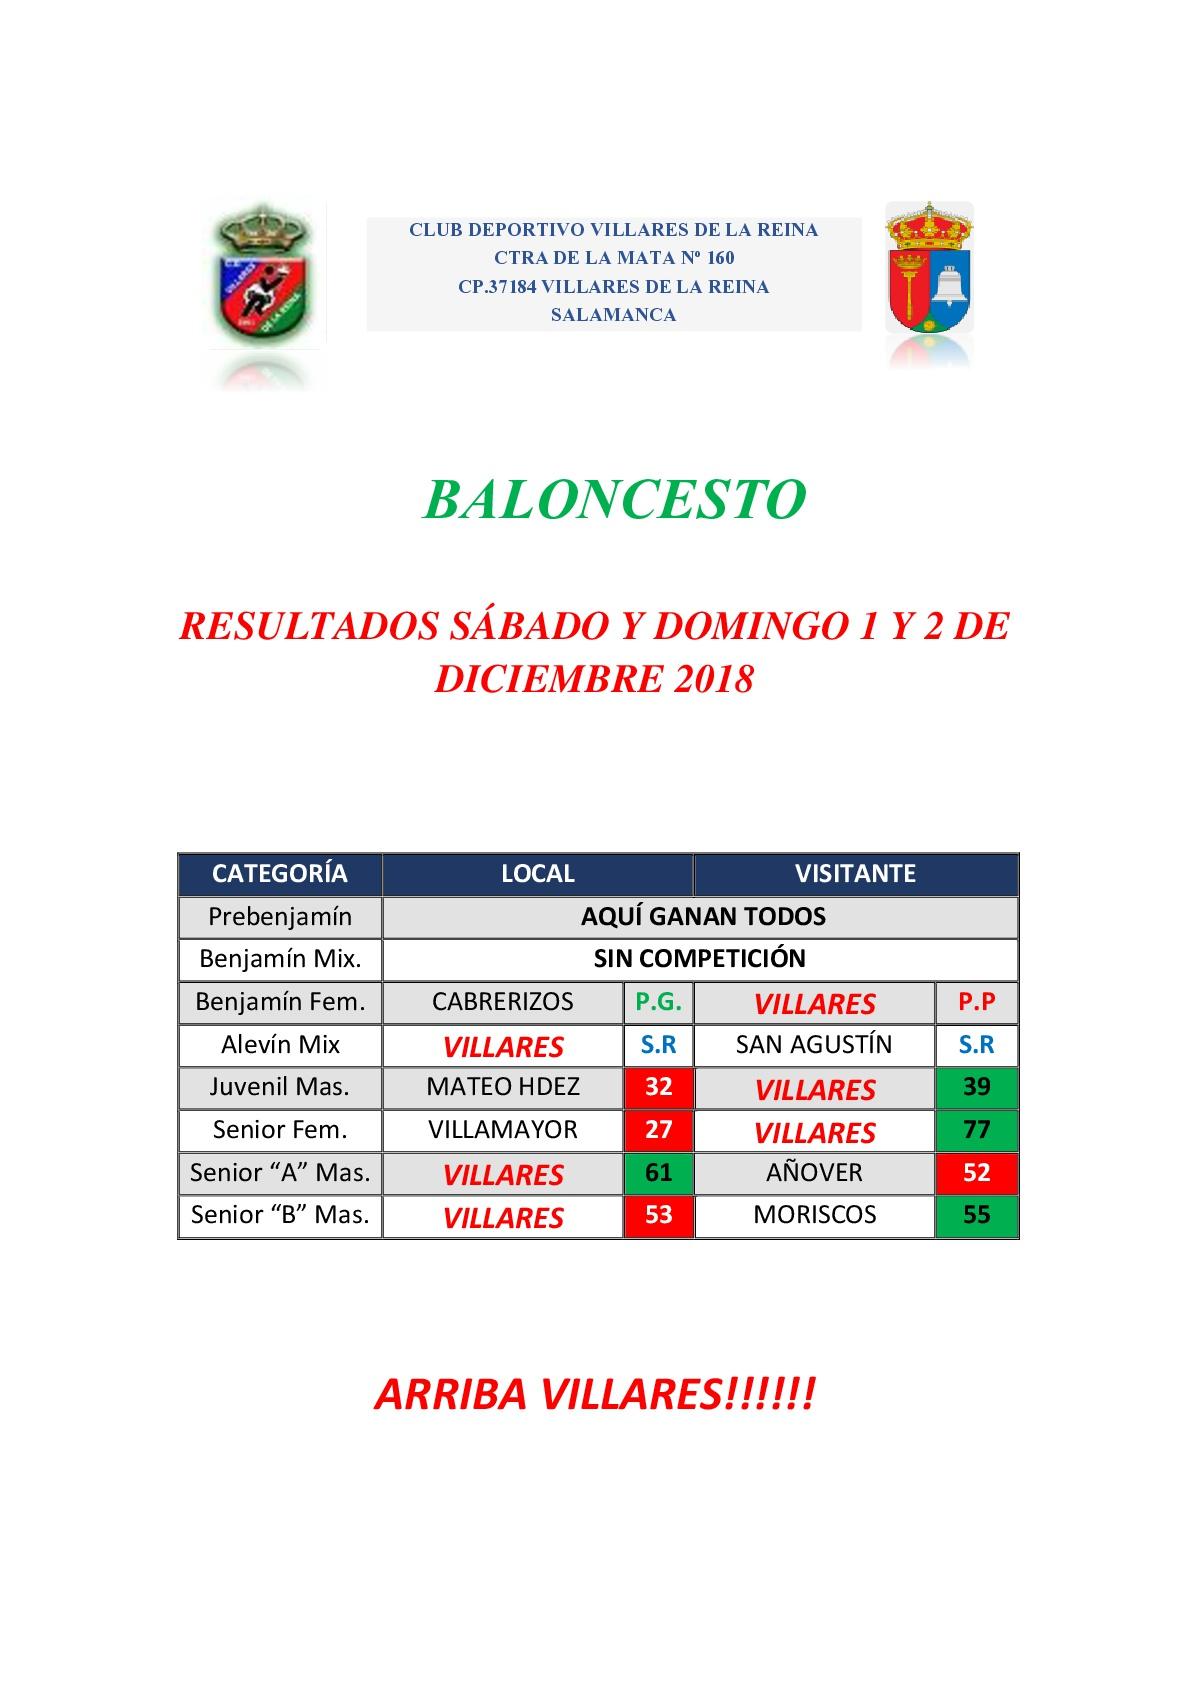 RESULTADOS BALONCESTO S�BADO 1 Y DOMINGO 2 DE DICIEMBRE